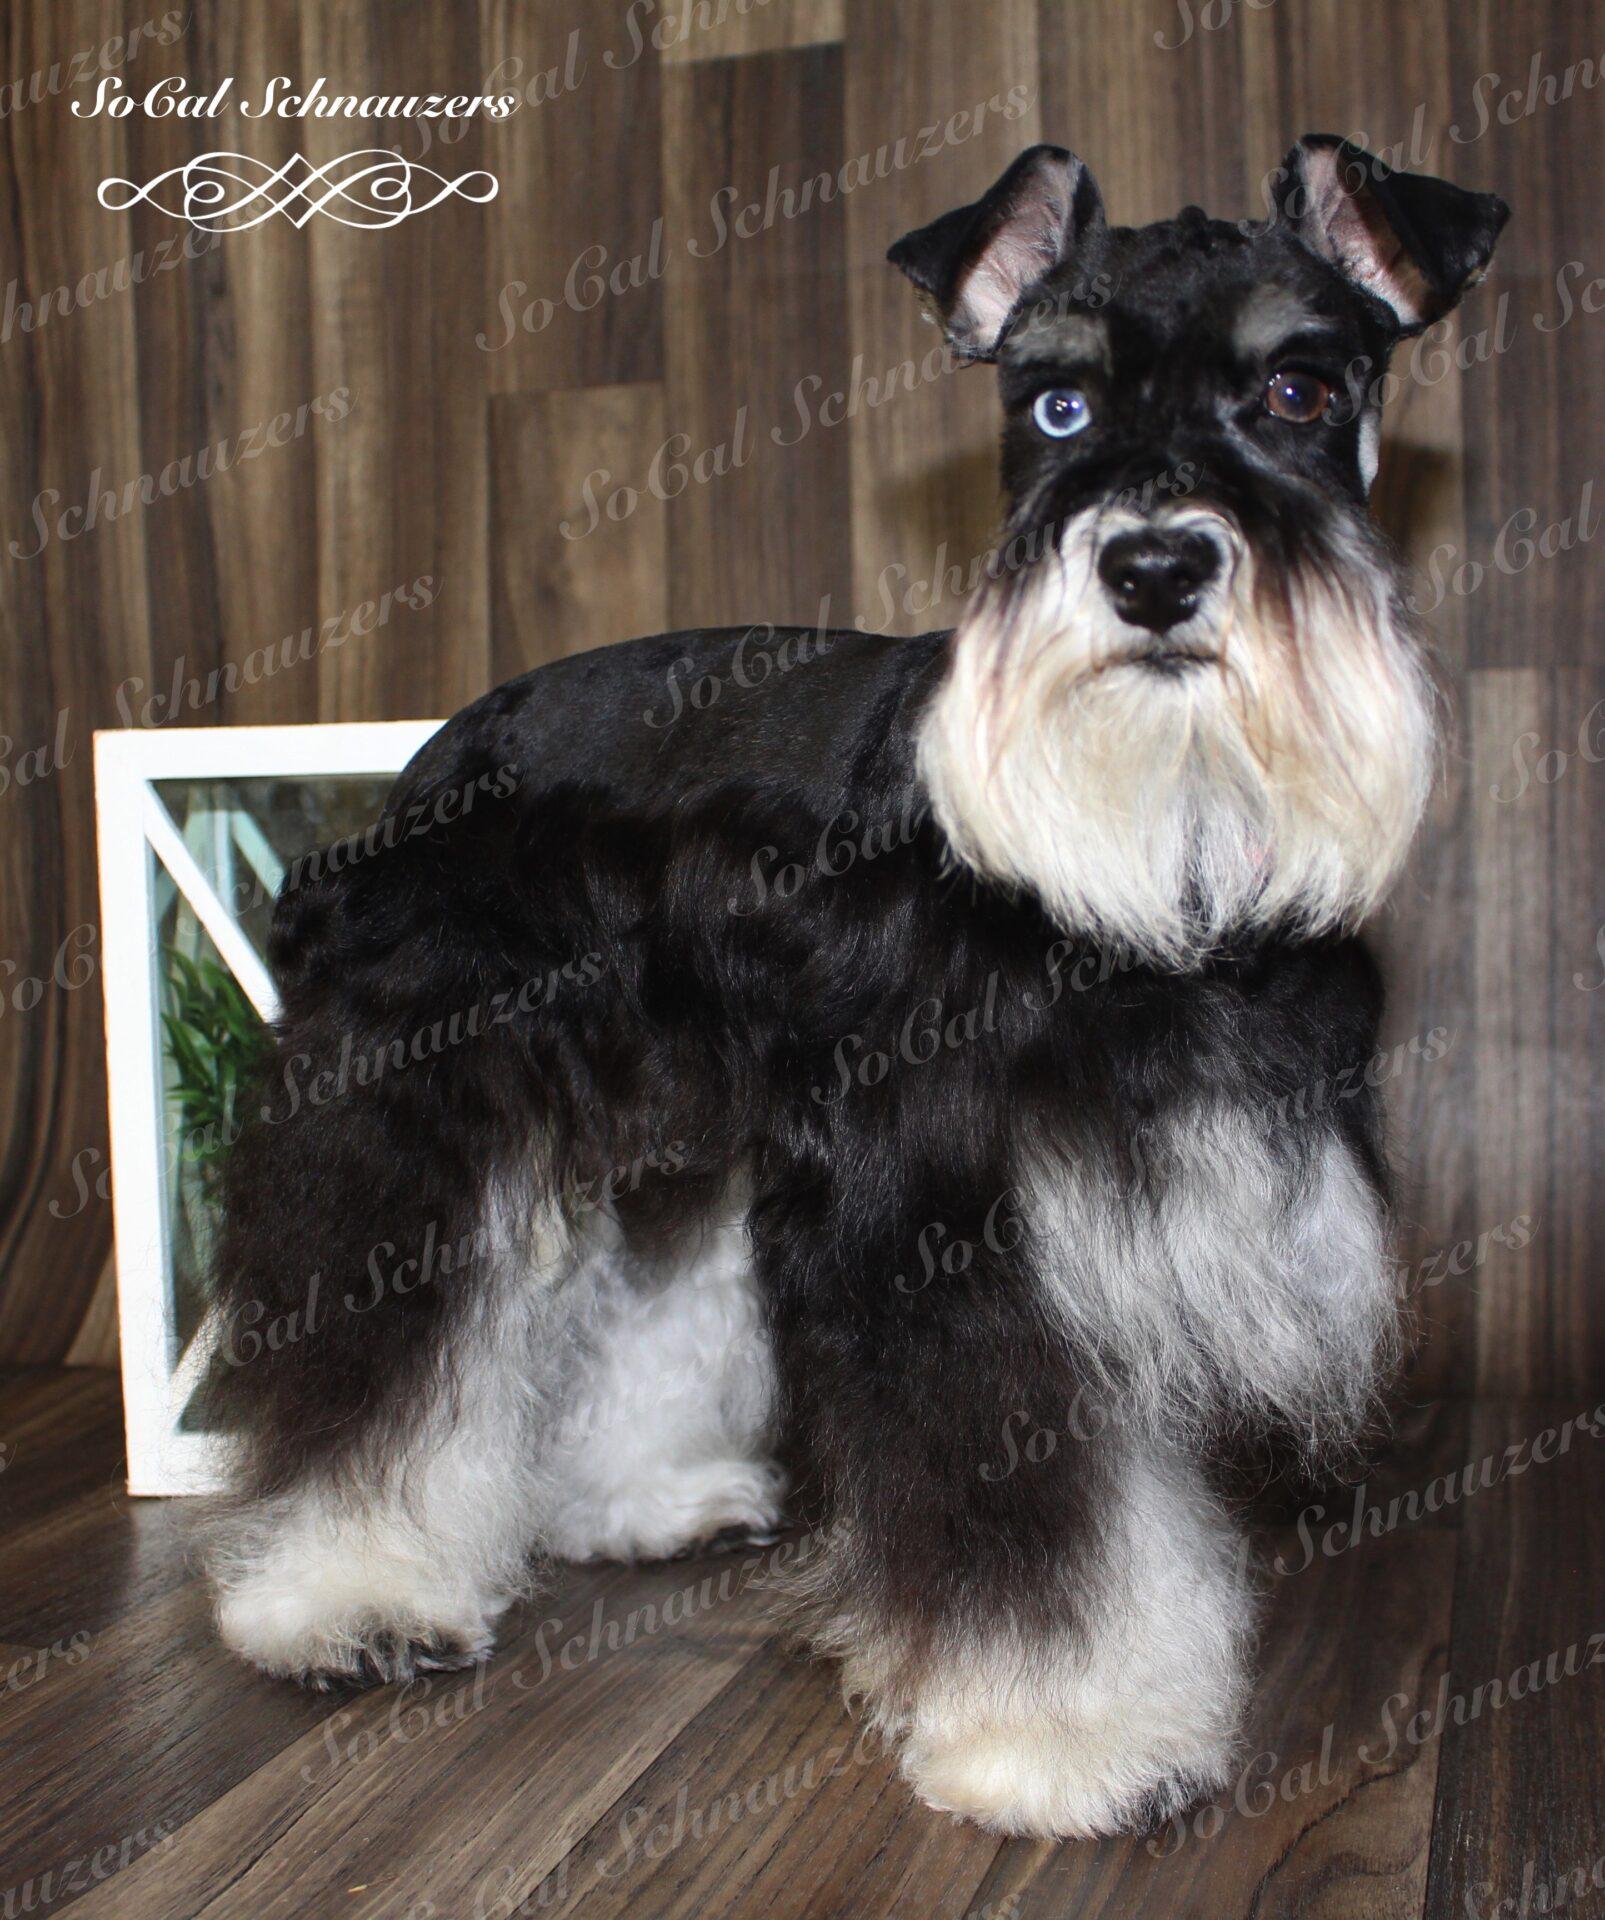 Very fluffy schnauzer with heterochromia